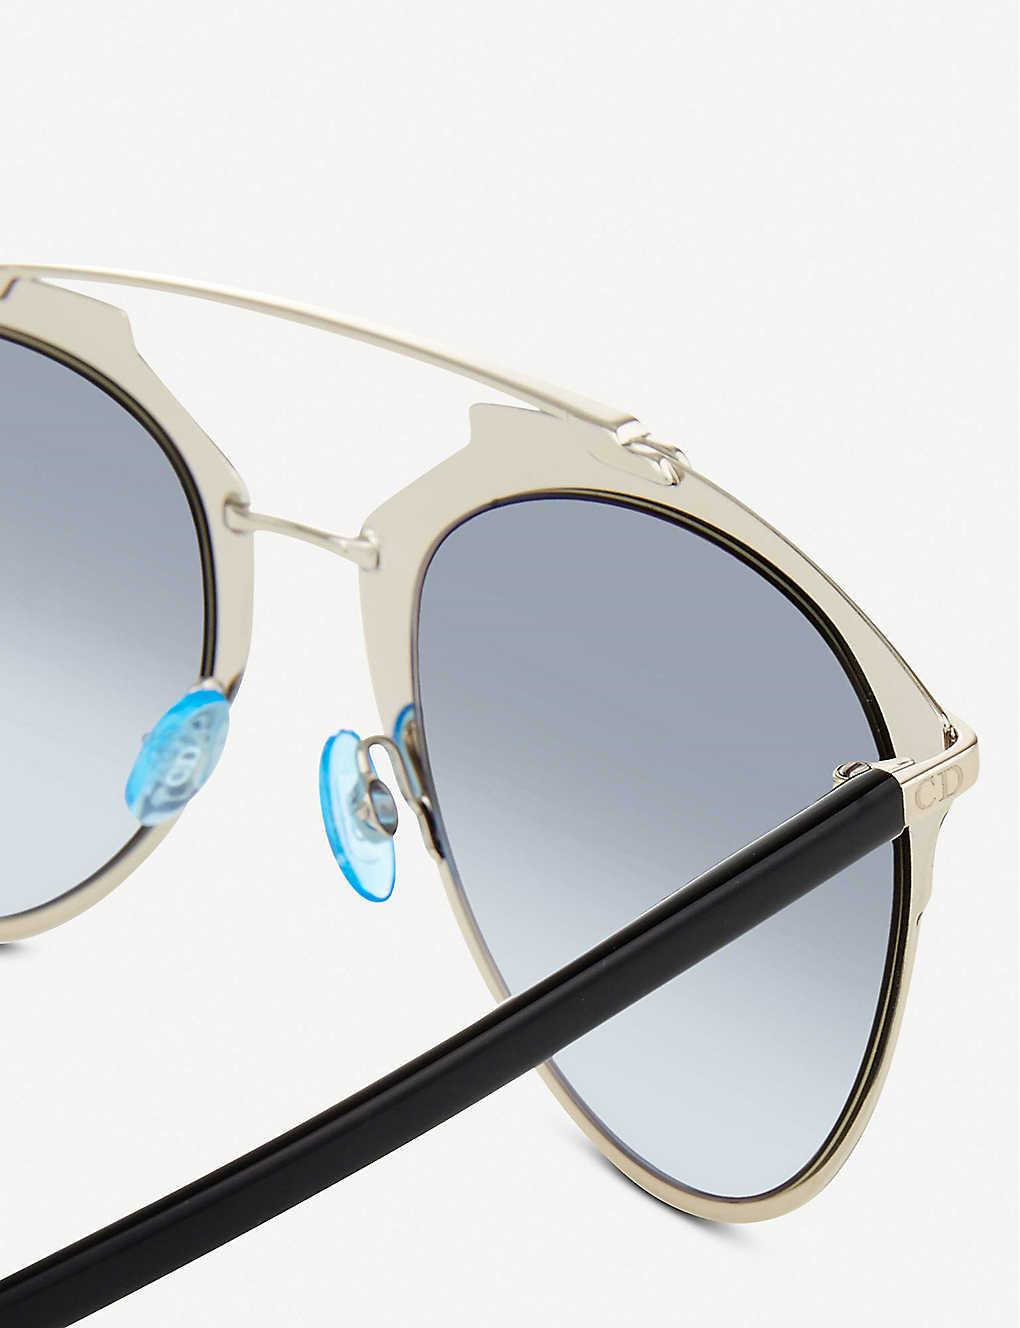 f2a935ba8980 ... Dior Reflected sunglasses - Black. Next